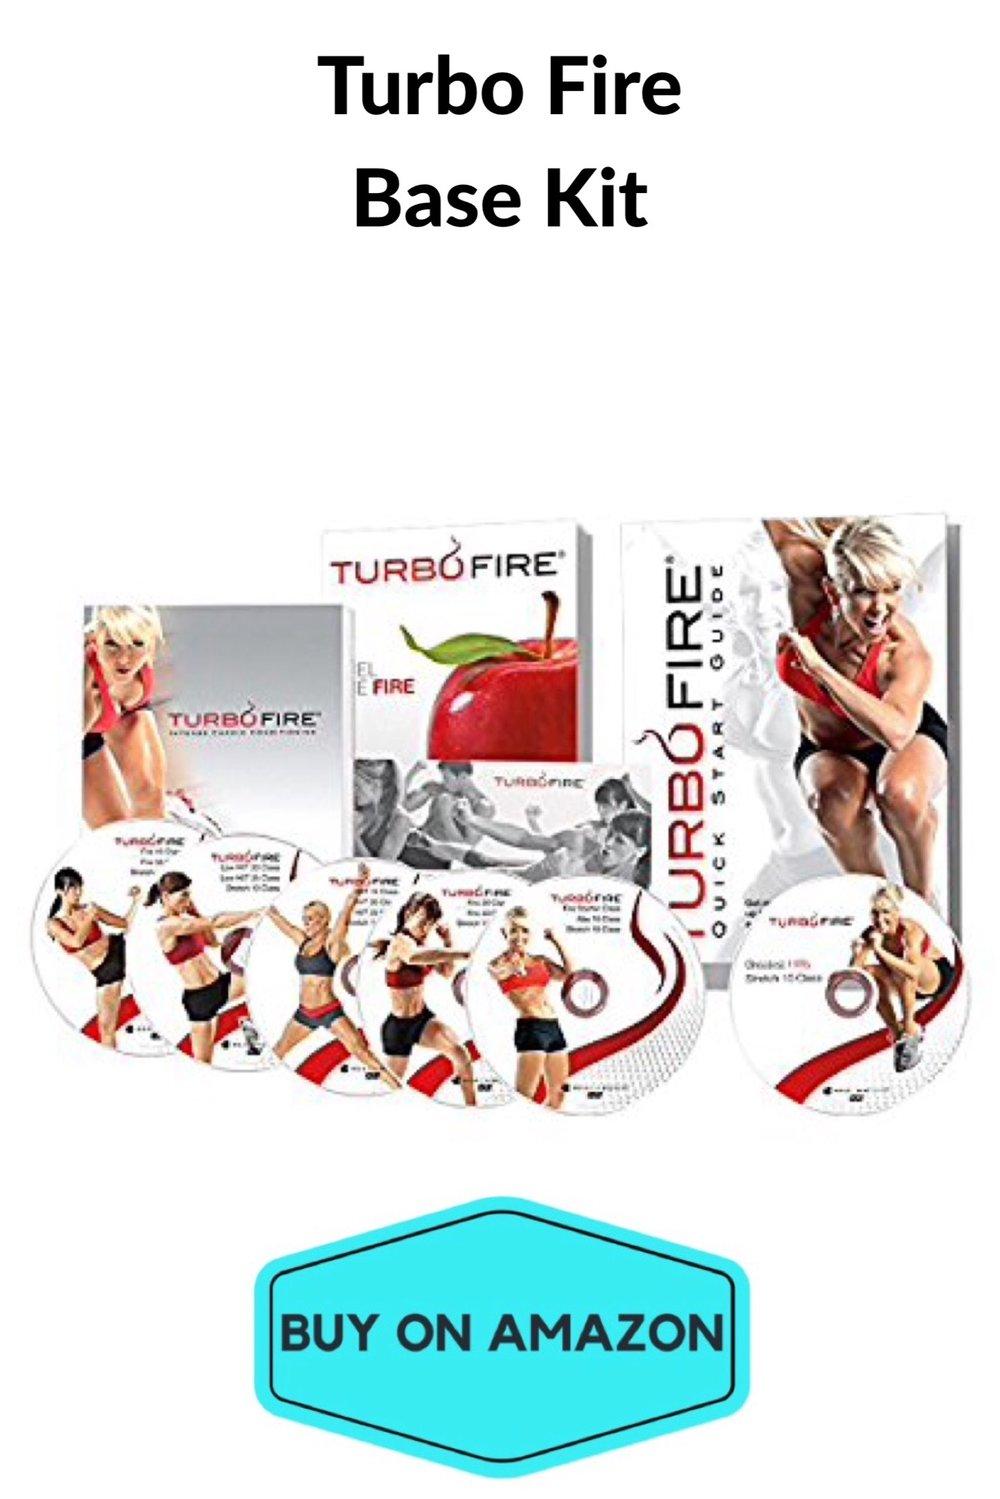 Turbo Fire Base Kit